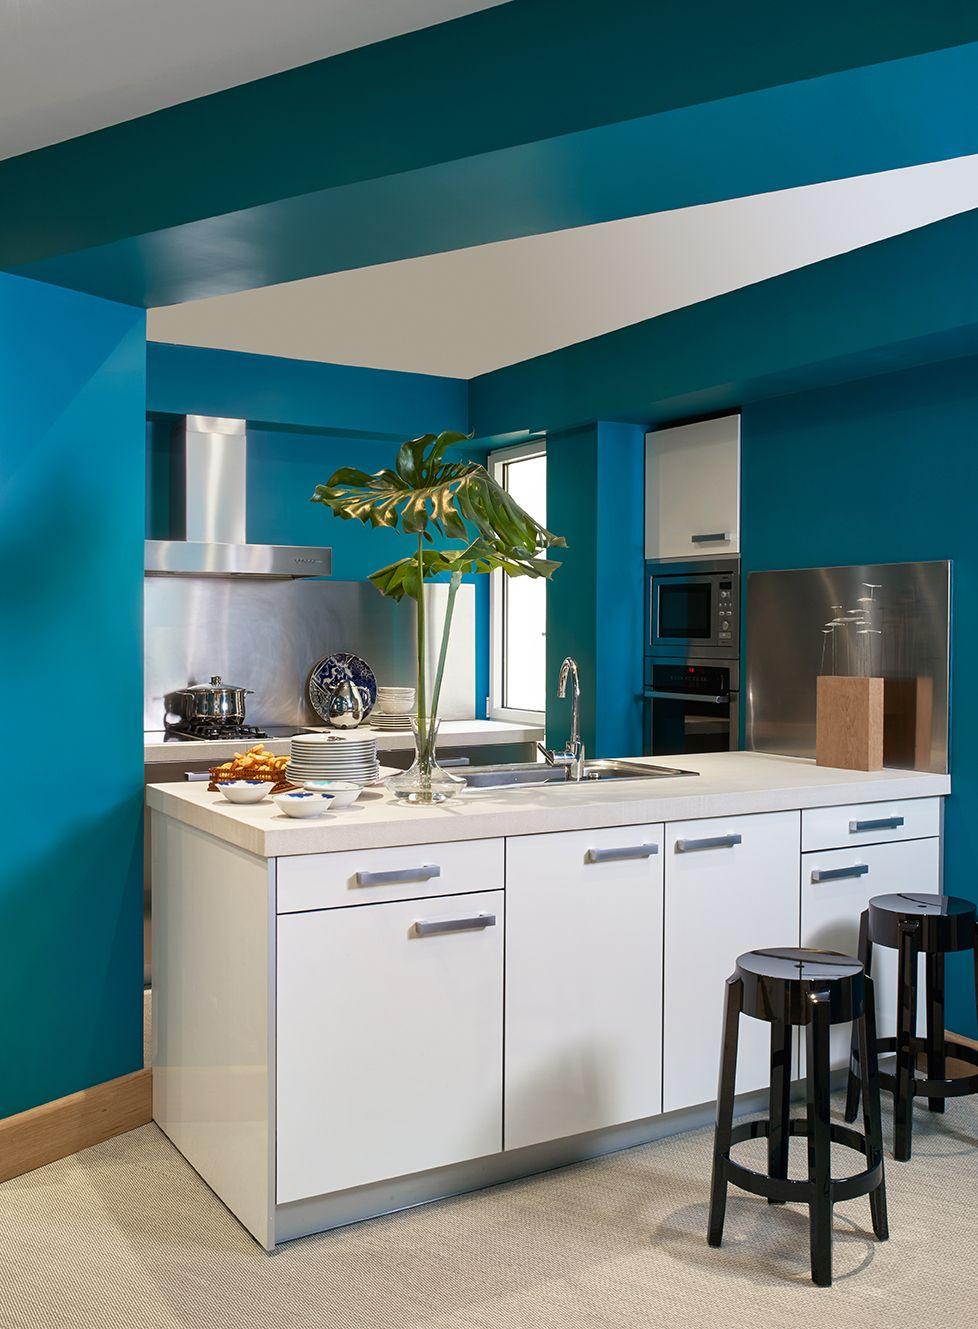 Melian Randolph Cocina - Precioso piso con intensos toques de estilo y color en Chamartín, Madrid